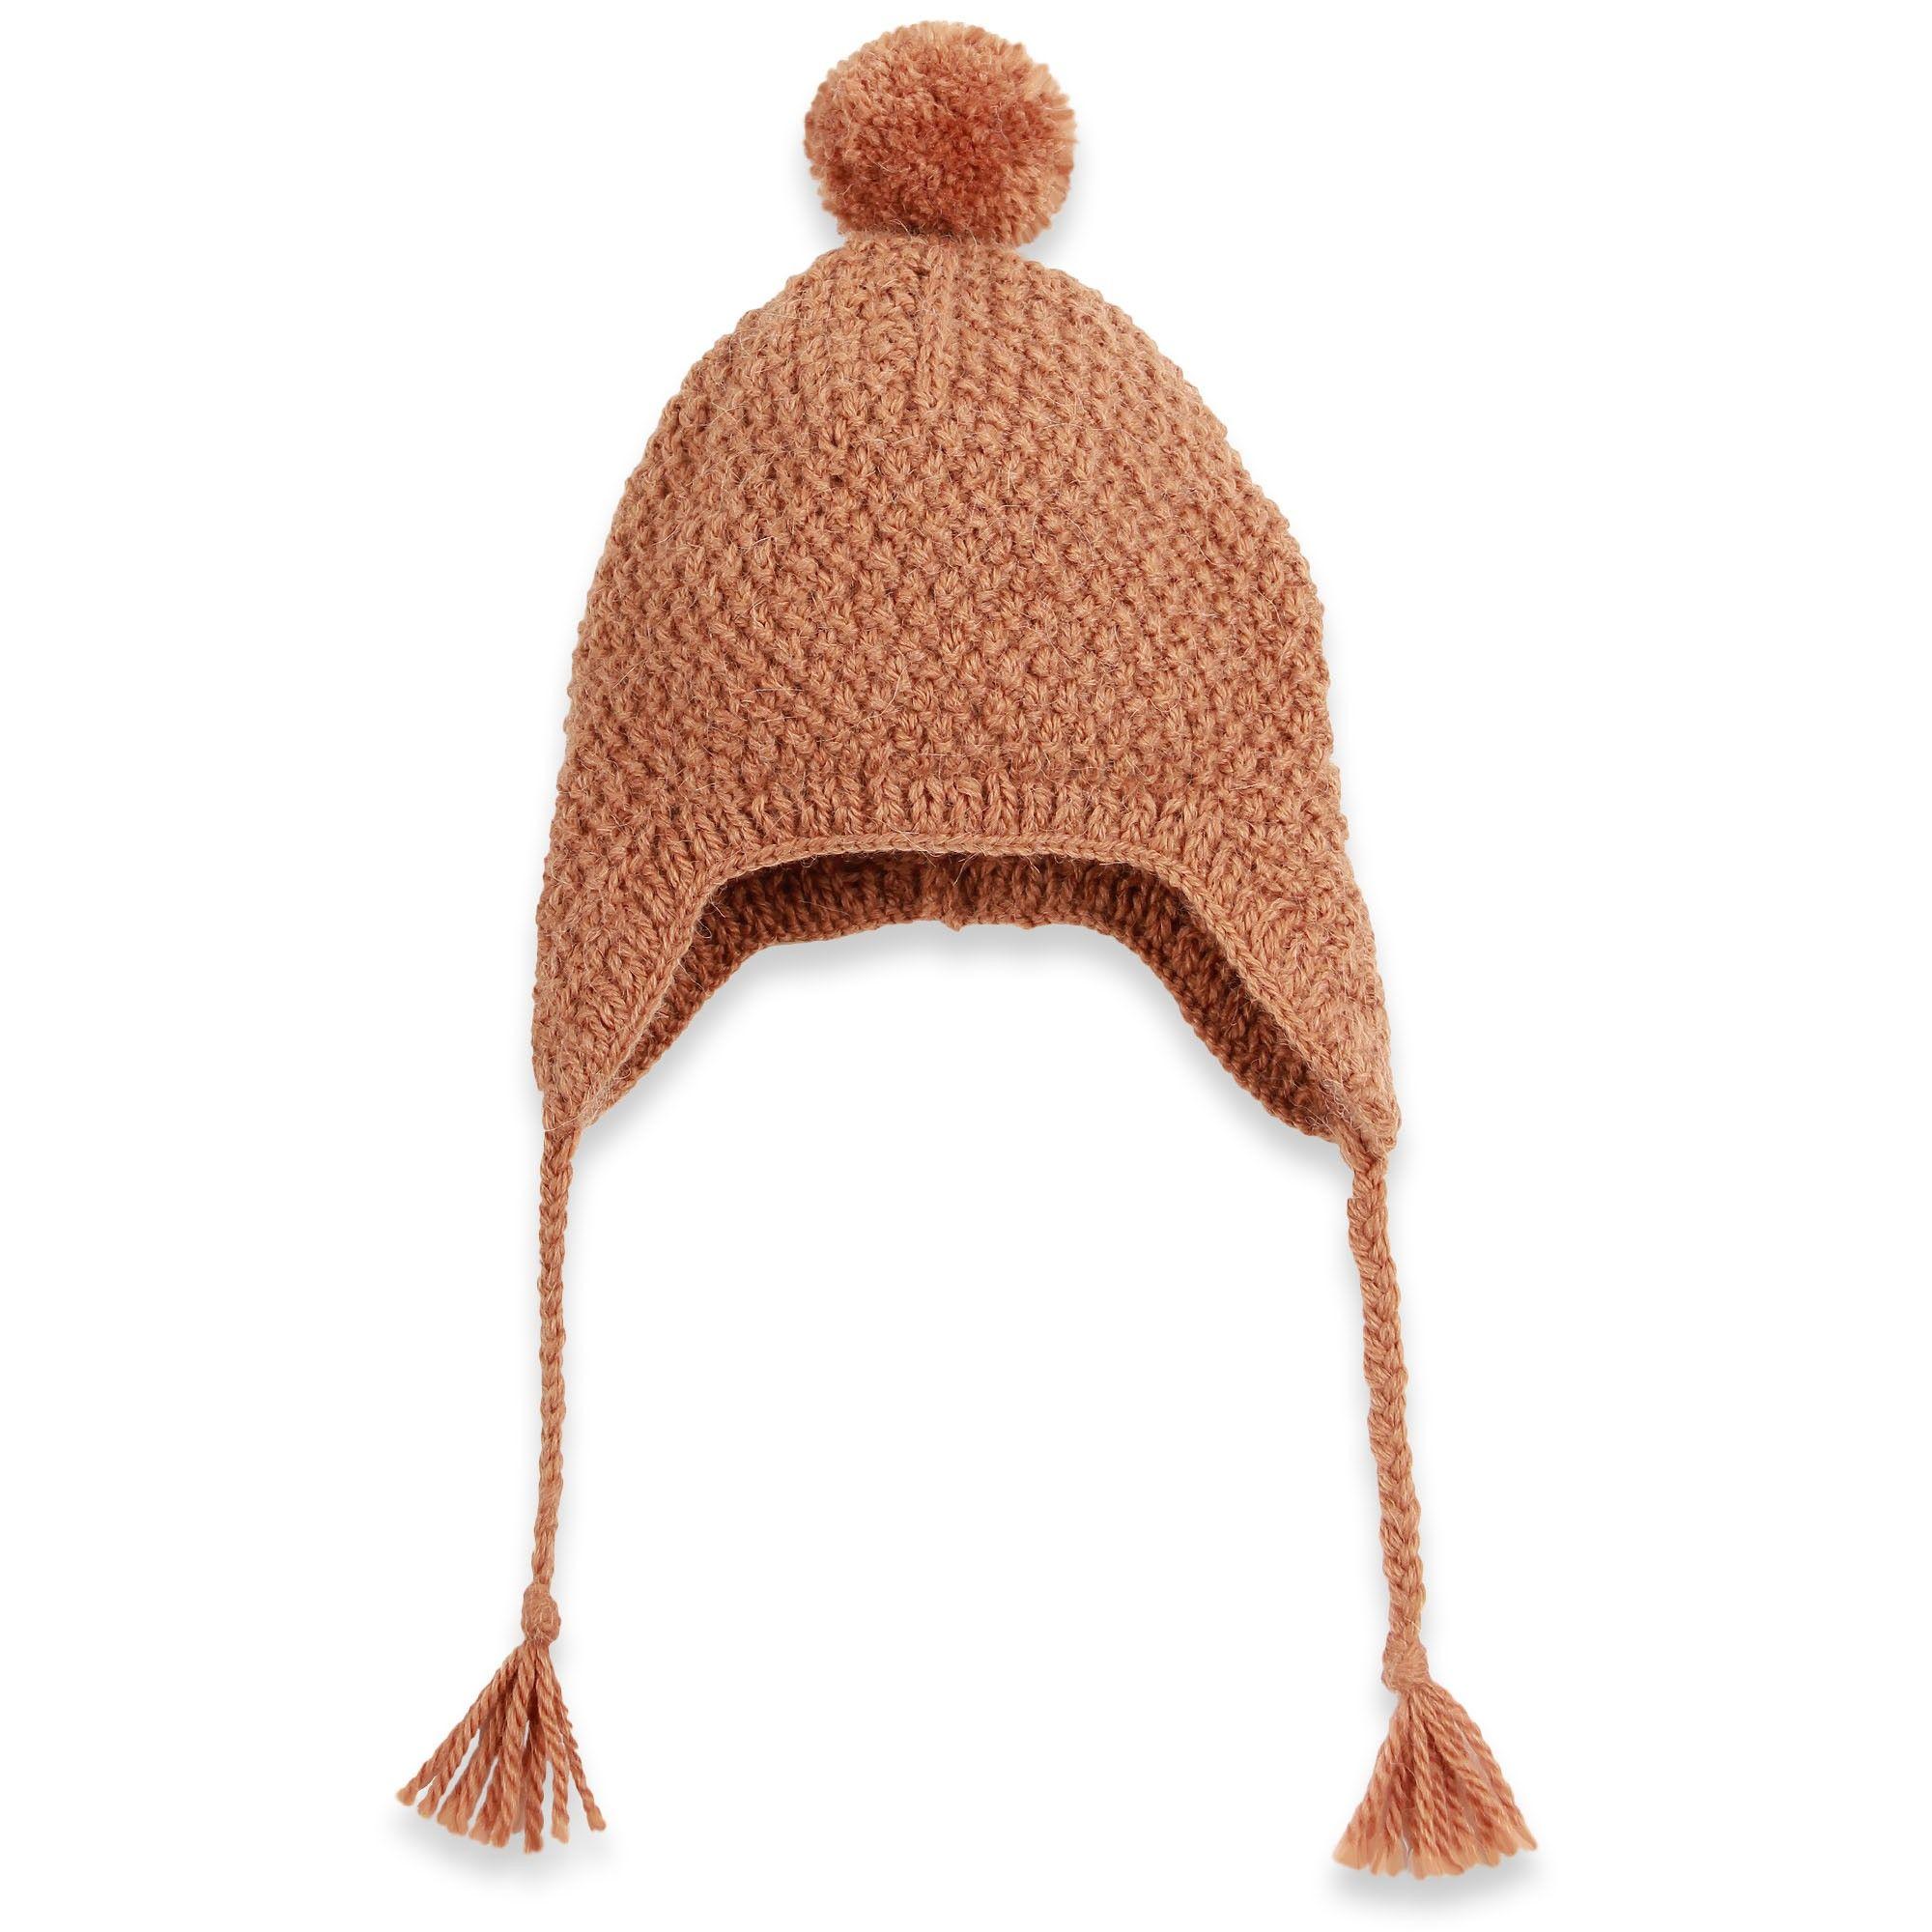 Bonnet pour bébé de la forme d un péruvien, tricoté main au point de ... bea80a91598